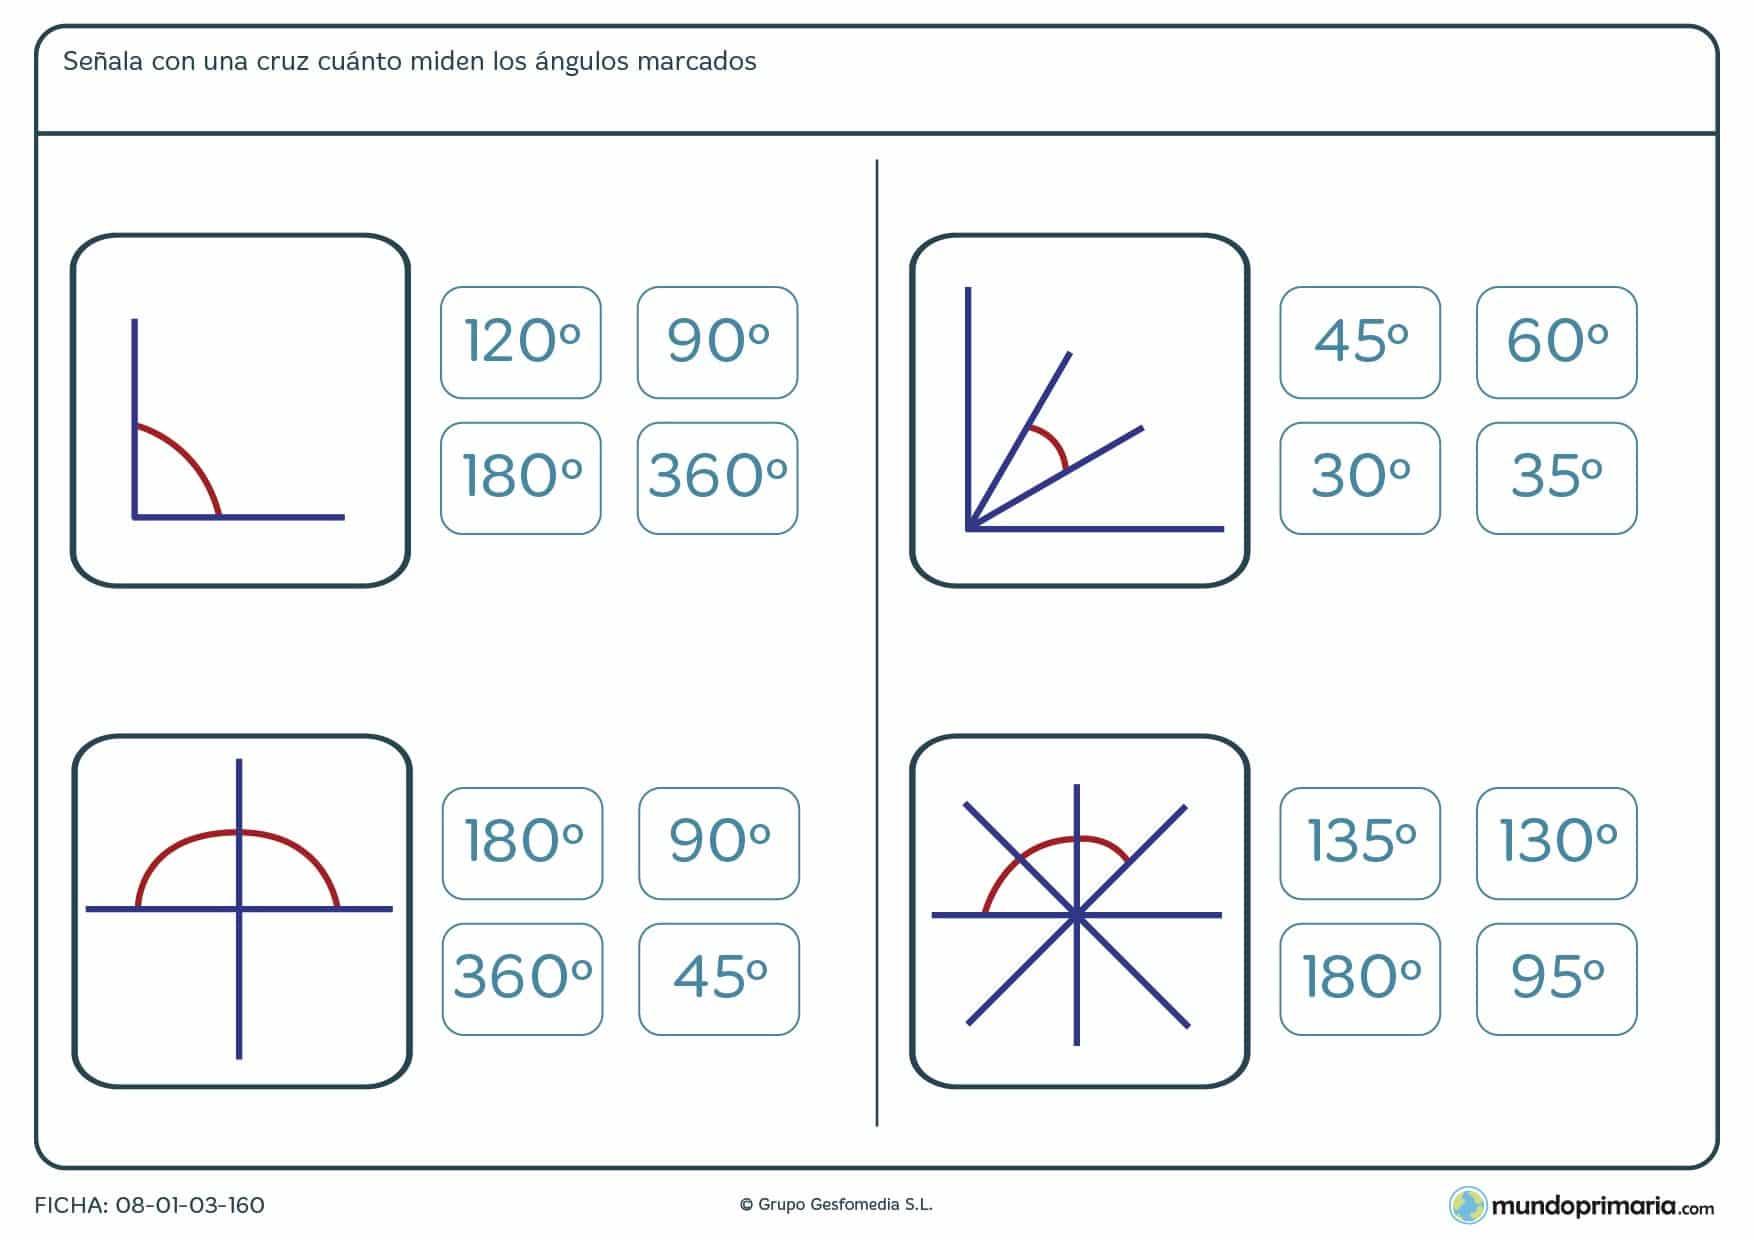 Ficha de medición de ángulos en la que has de marcar la respuesta con el valor correcto del ángulo.